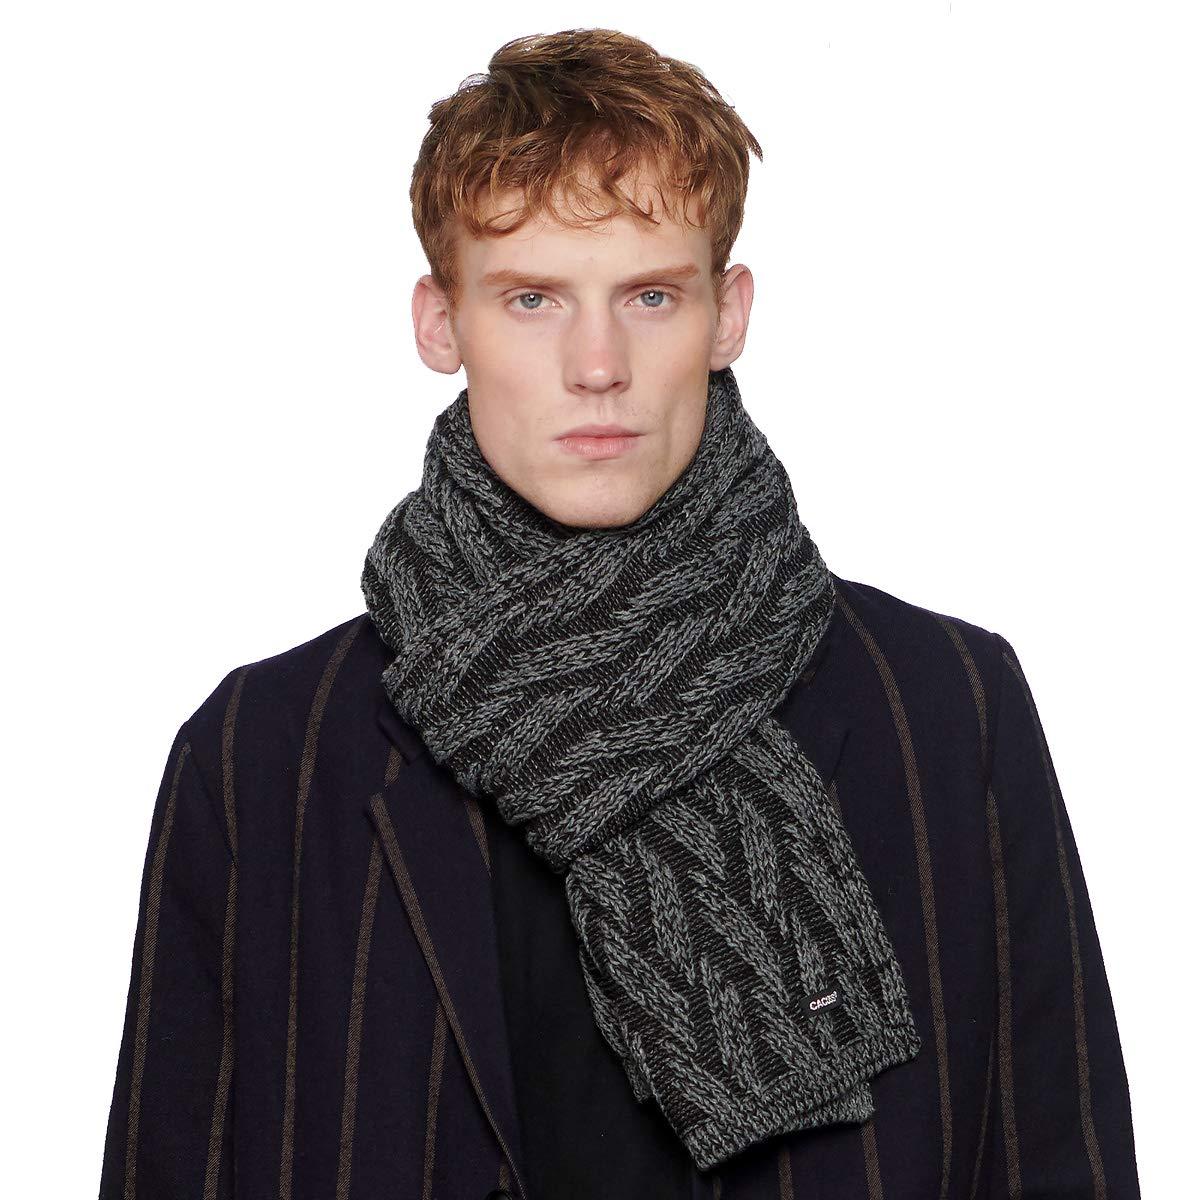 CACUSS Mens Scarf Blanket Scarf Black Scarf Fashion Warm Knitted Scarf Winter Scarfs 73.10'× 12.58'